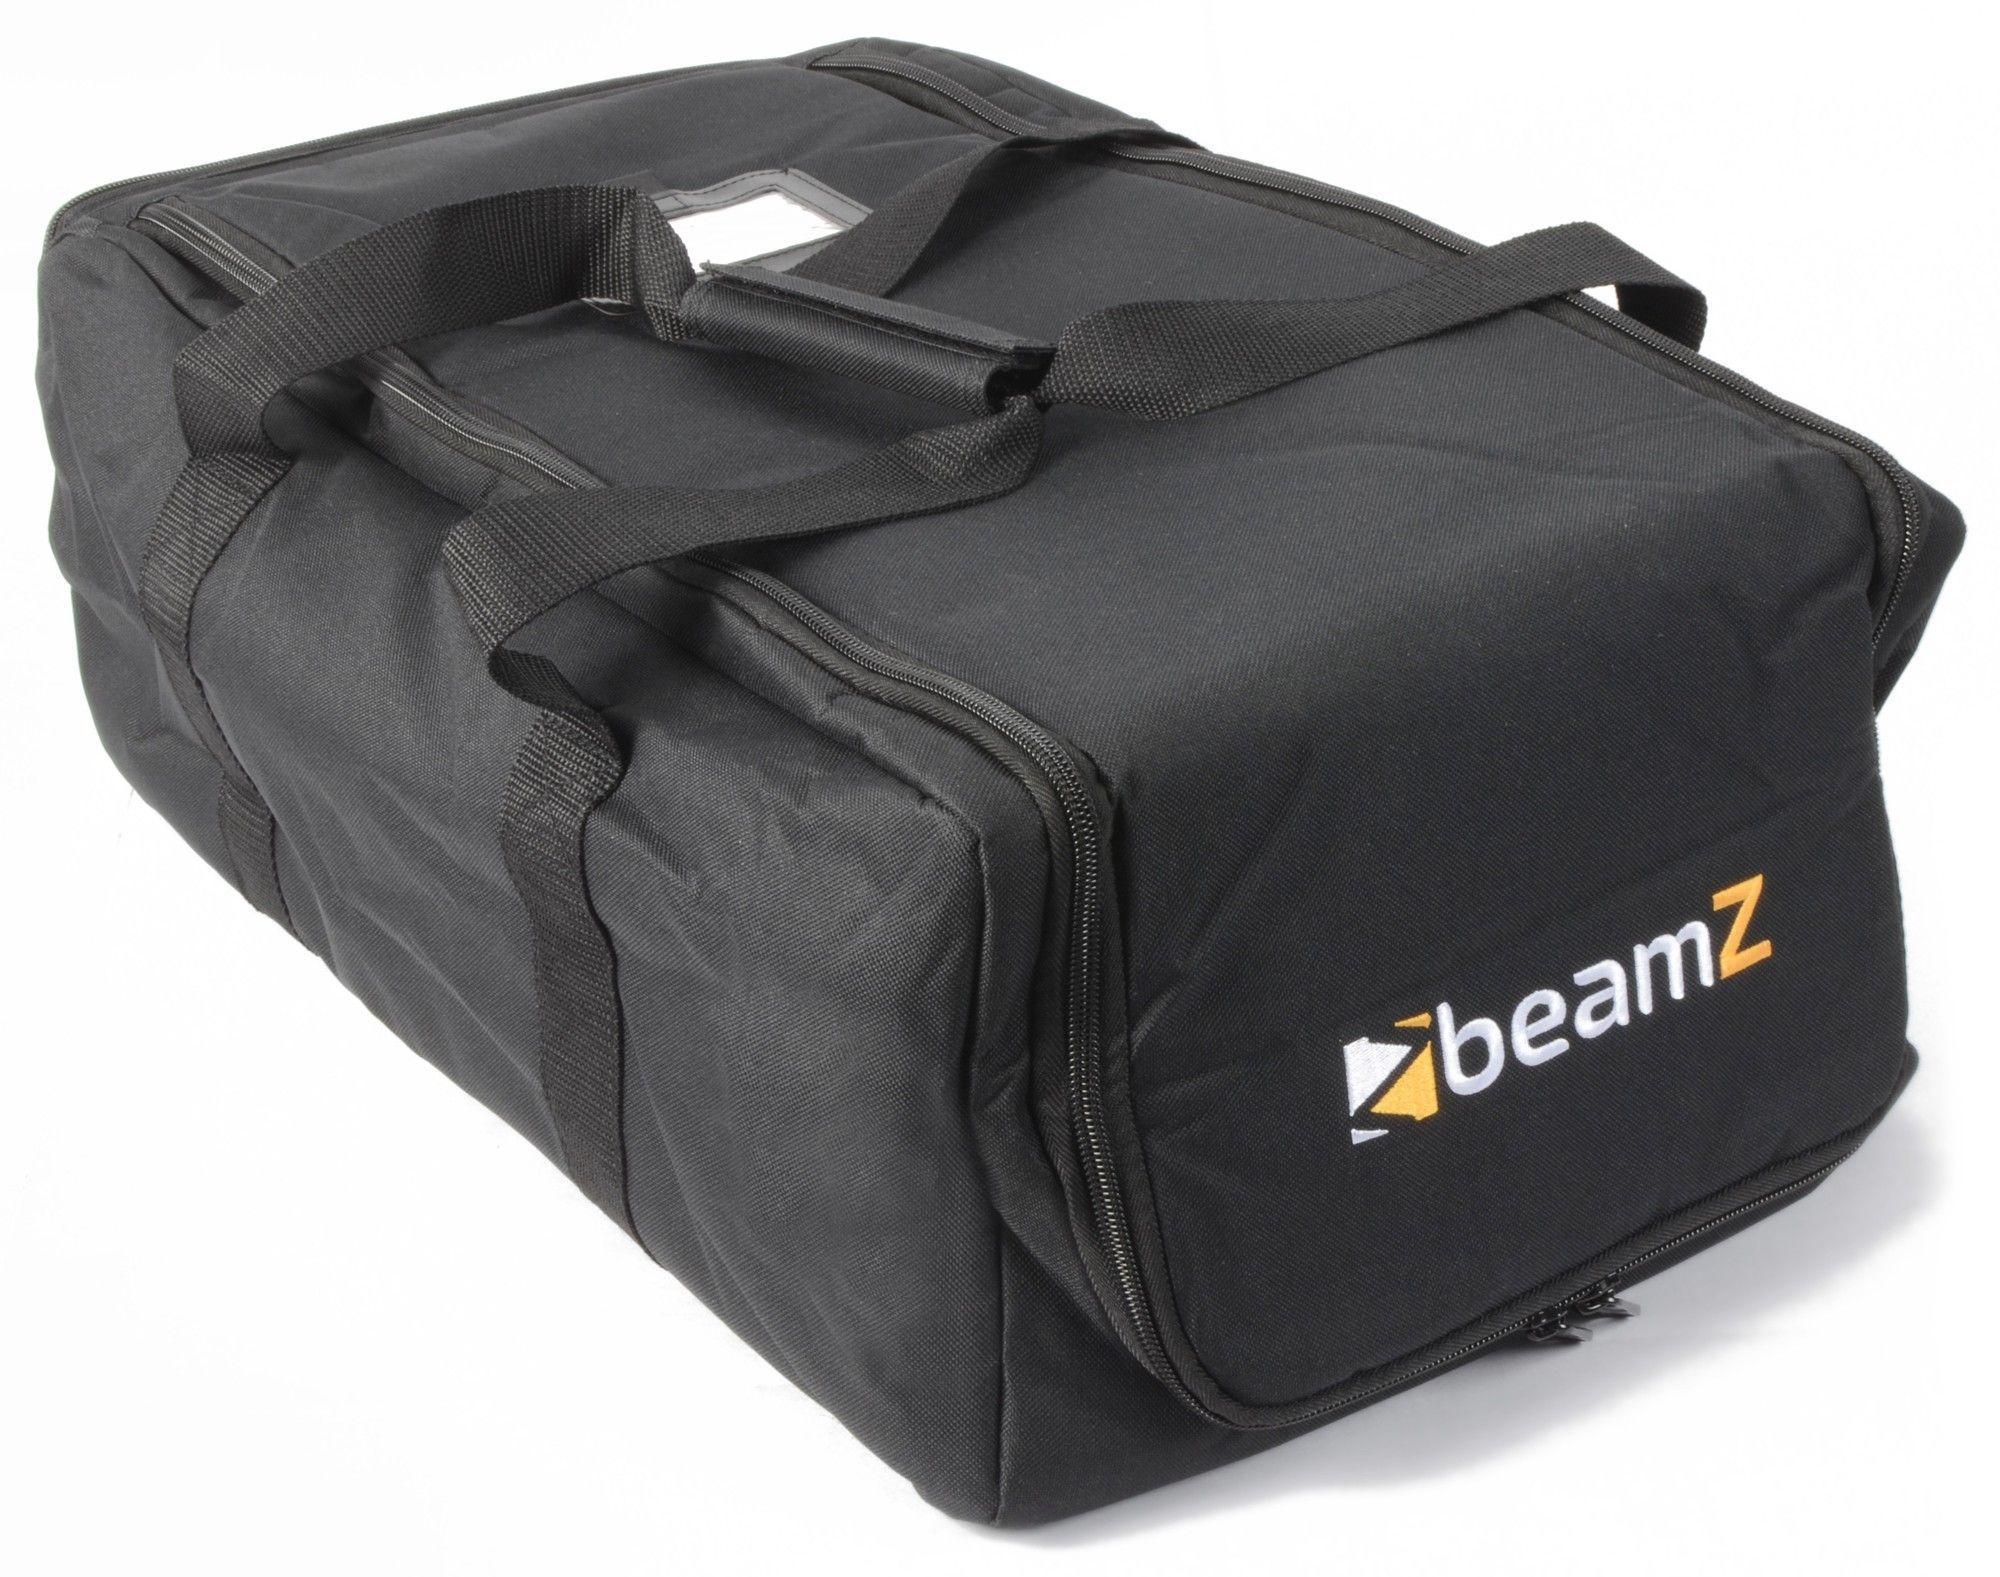 Afbeelding van Beamz AC-131 LED effecten flightbag...